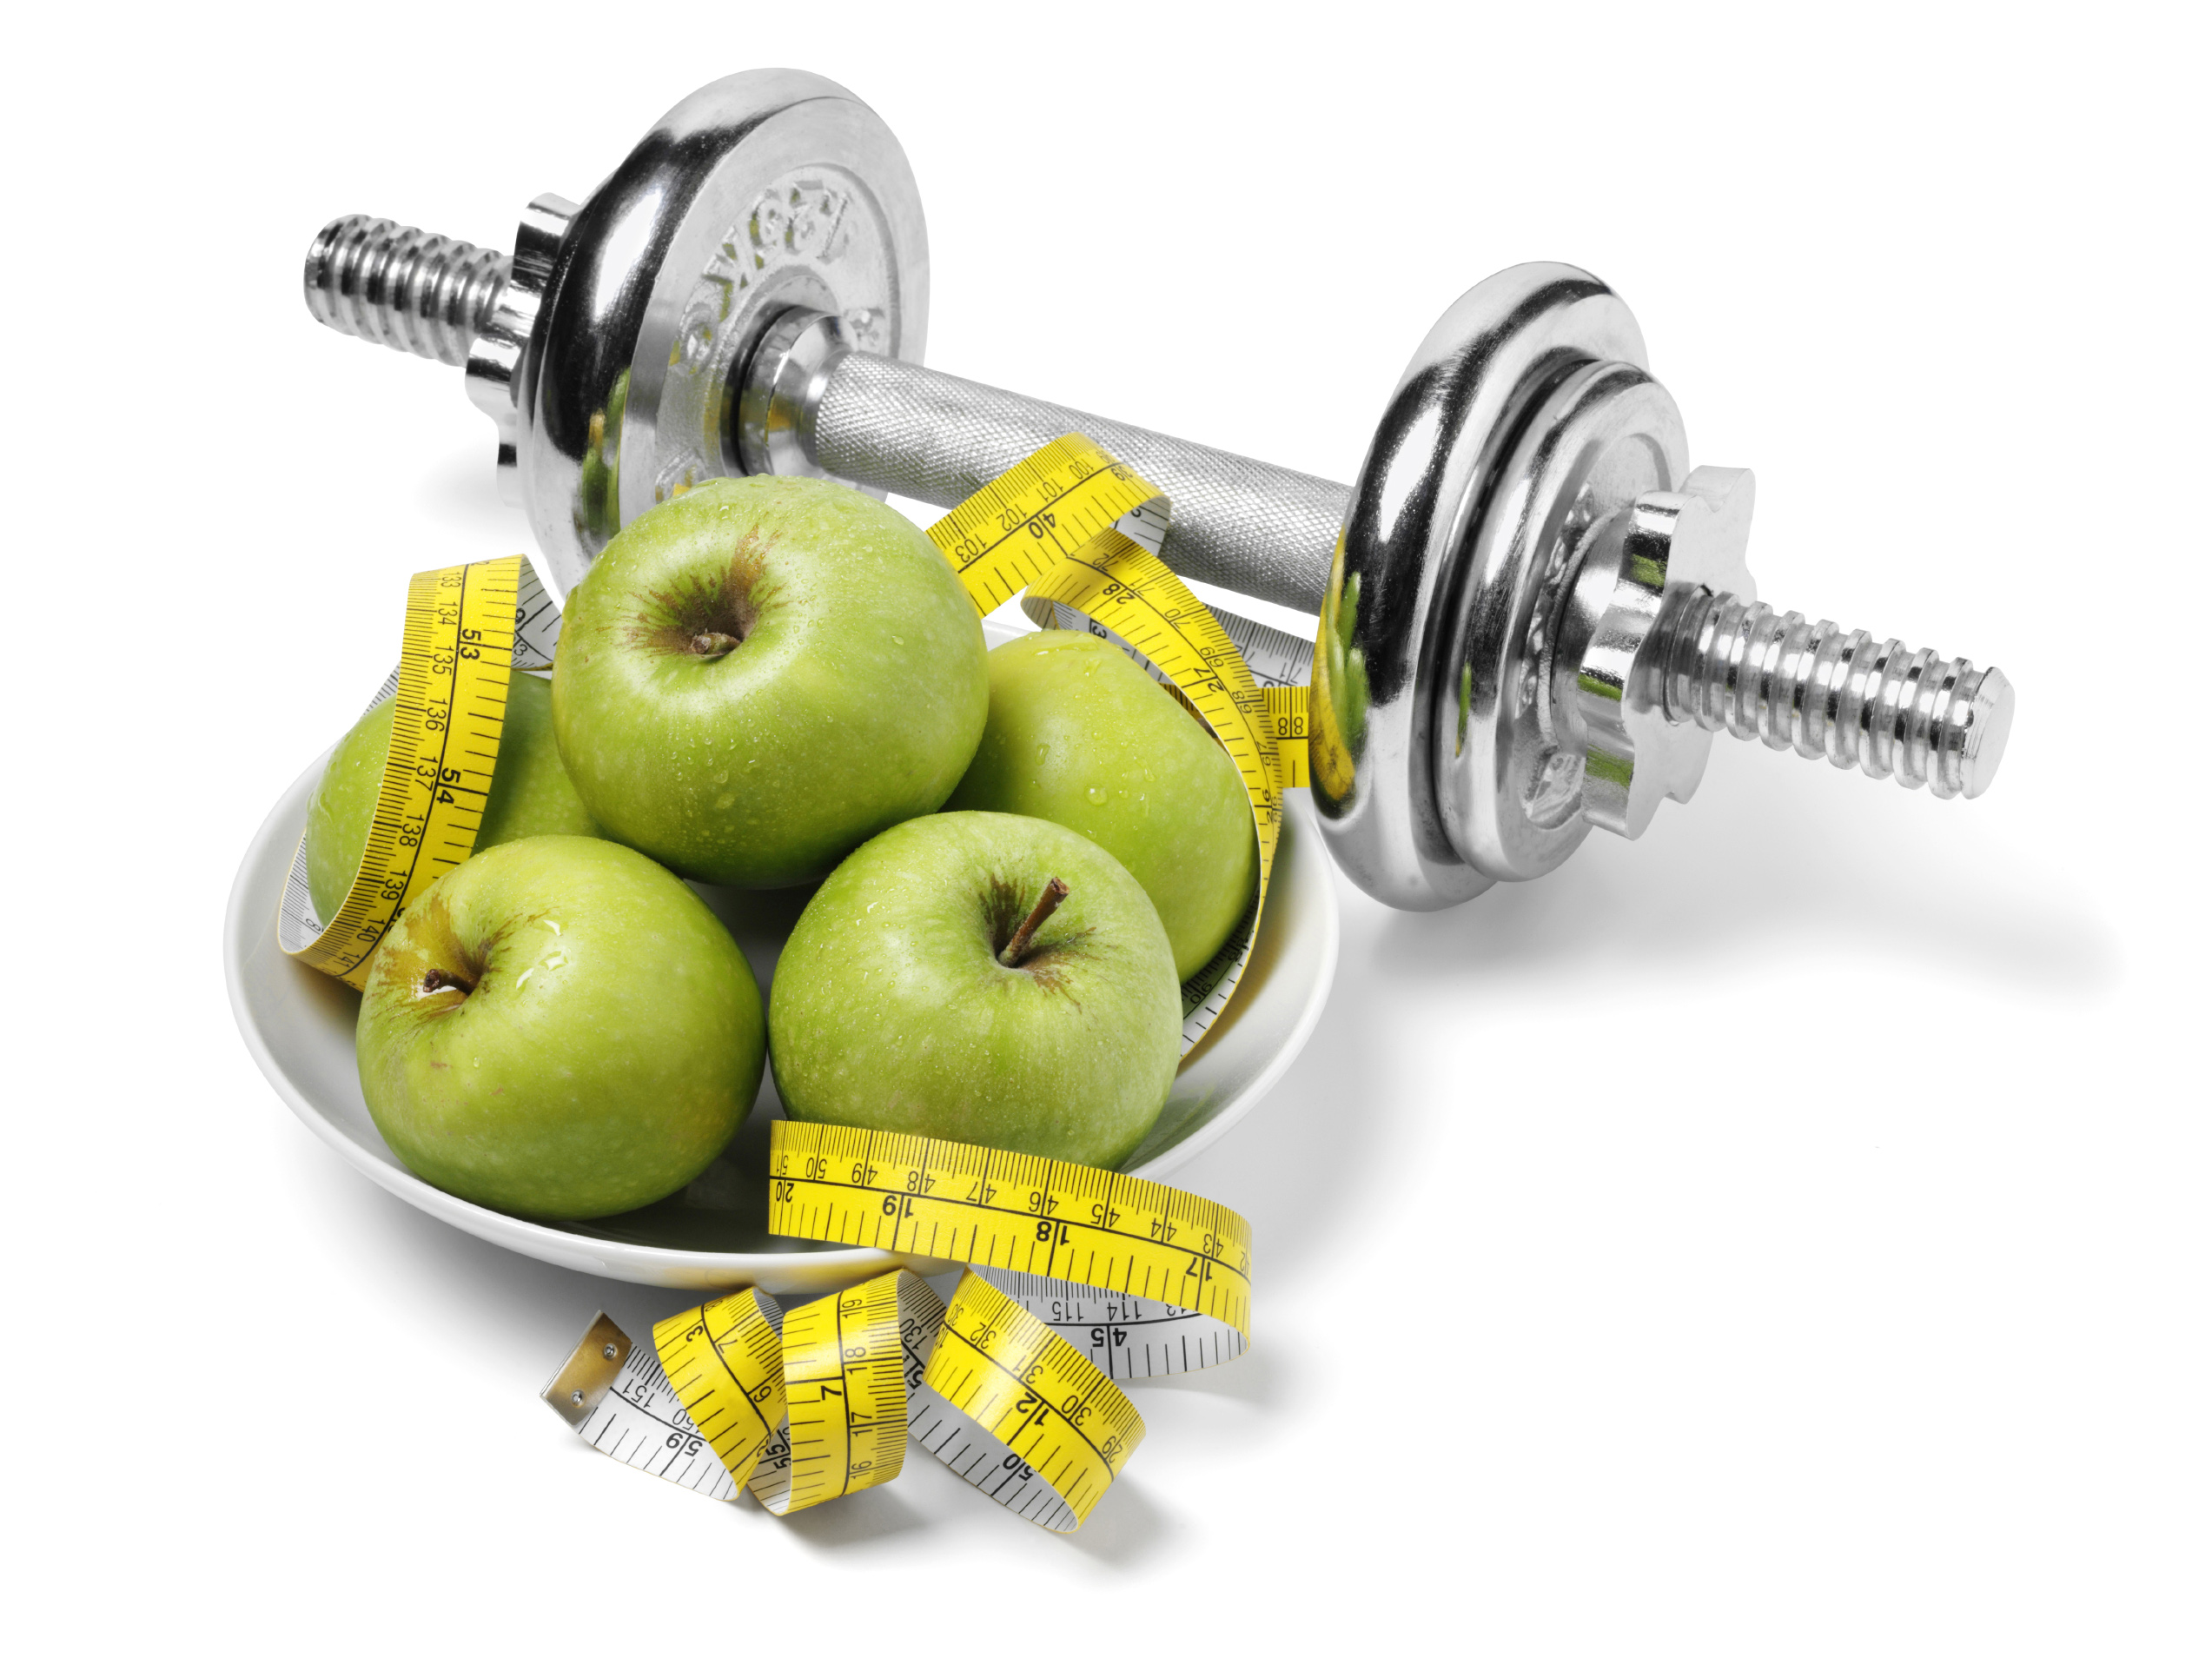 fissac _ dieta y ejercicio